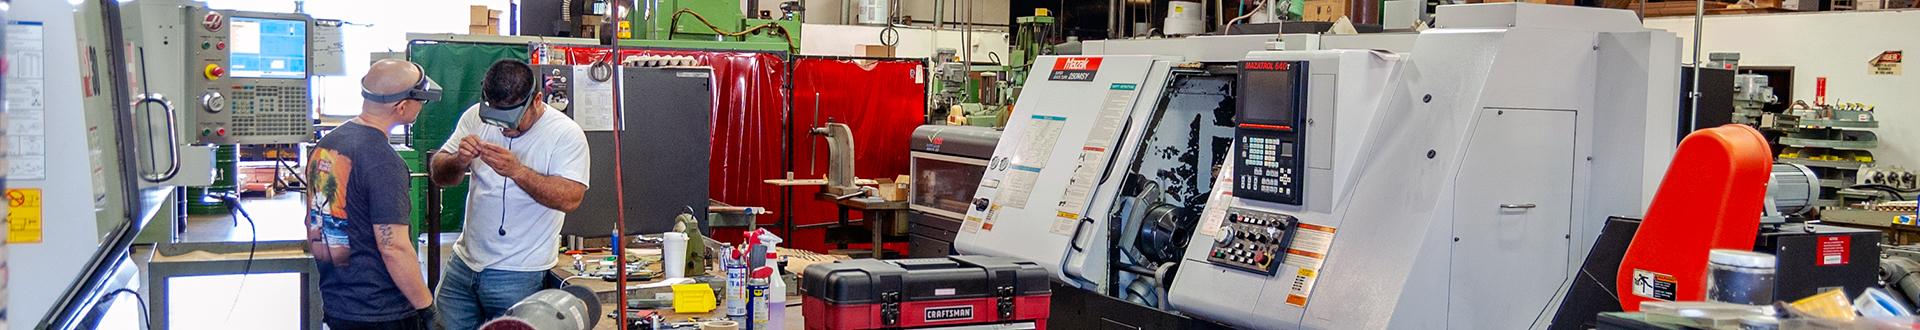 juell machine shop floor